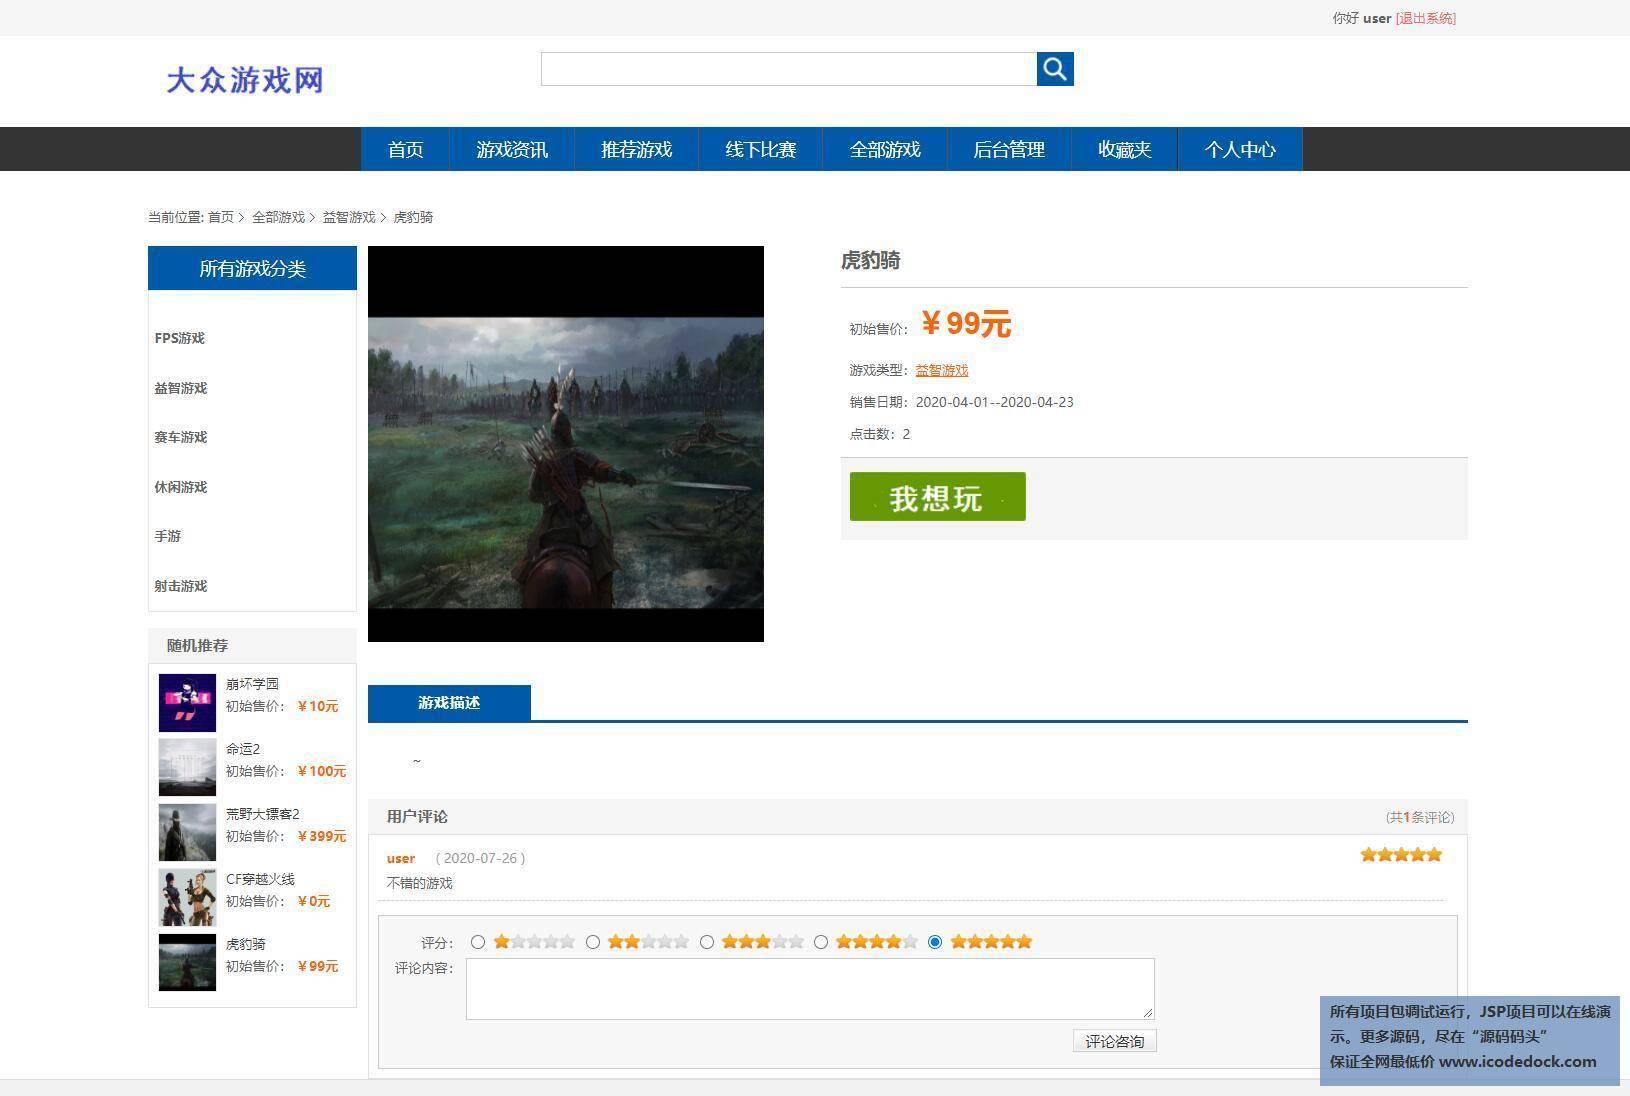 源码码头-SSM游戏点评网站-用户角色-点评游戏